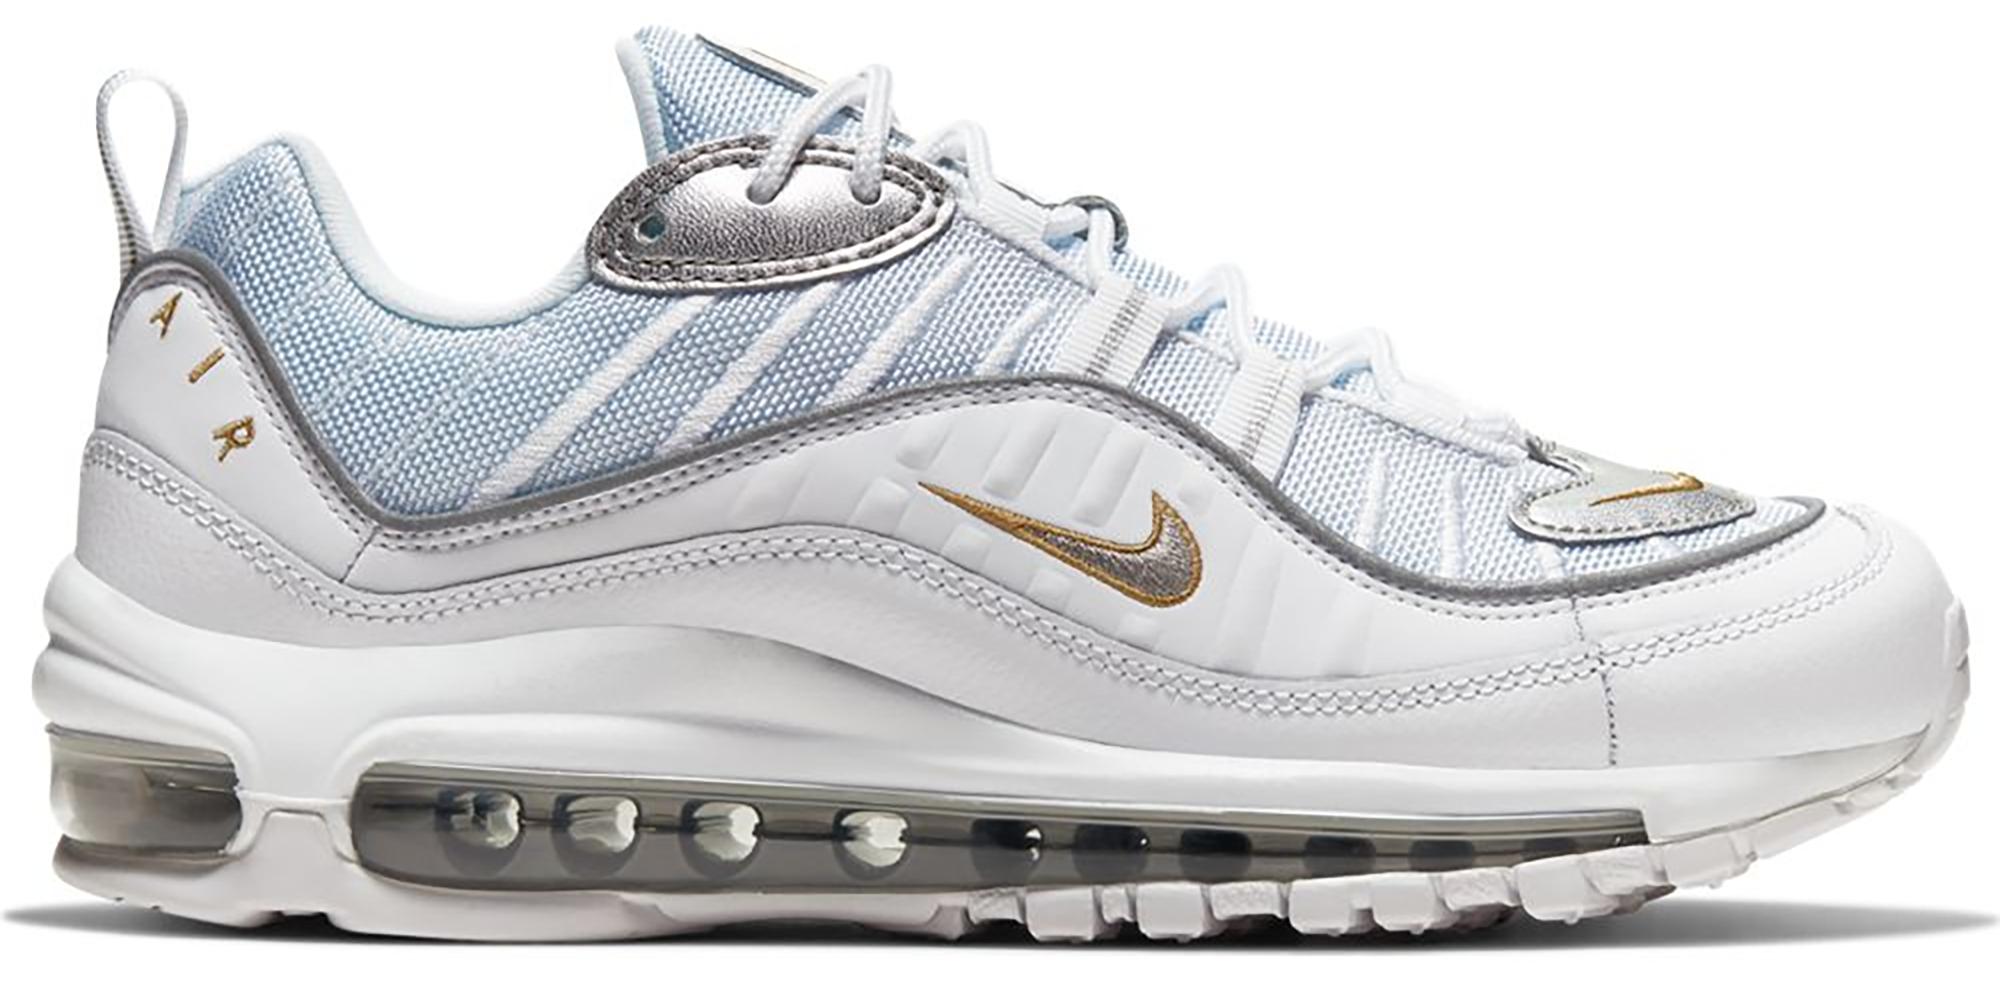 Nike Air Max 98 White Silver Gold (W